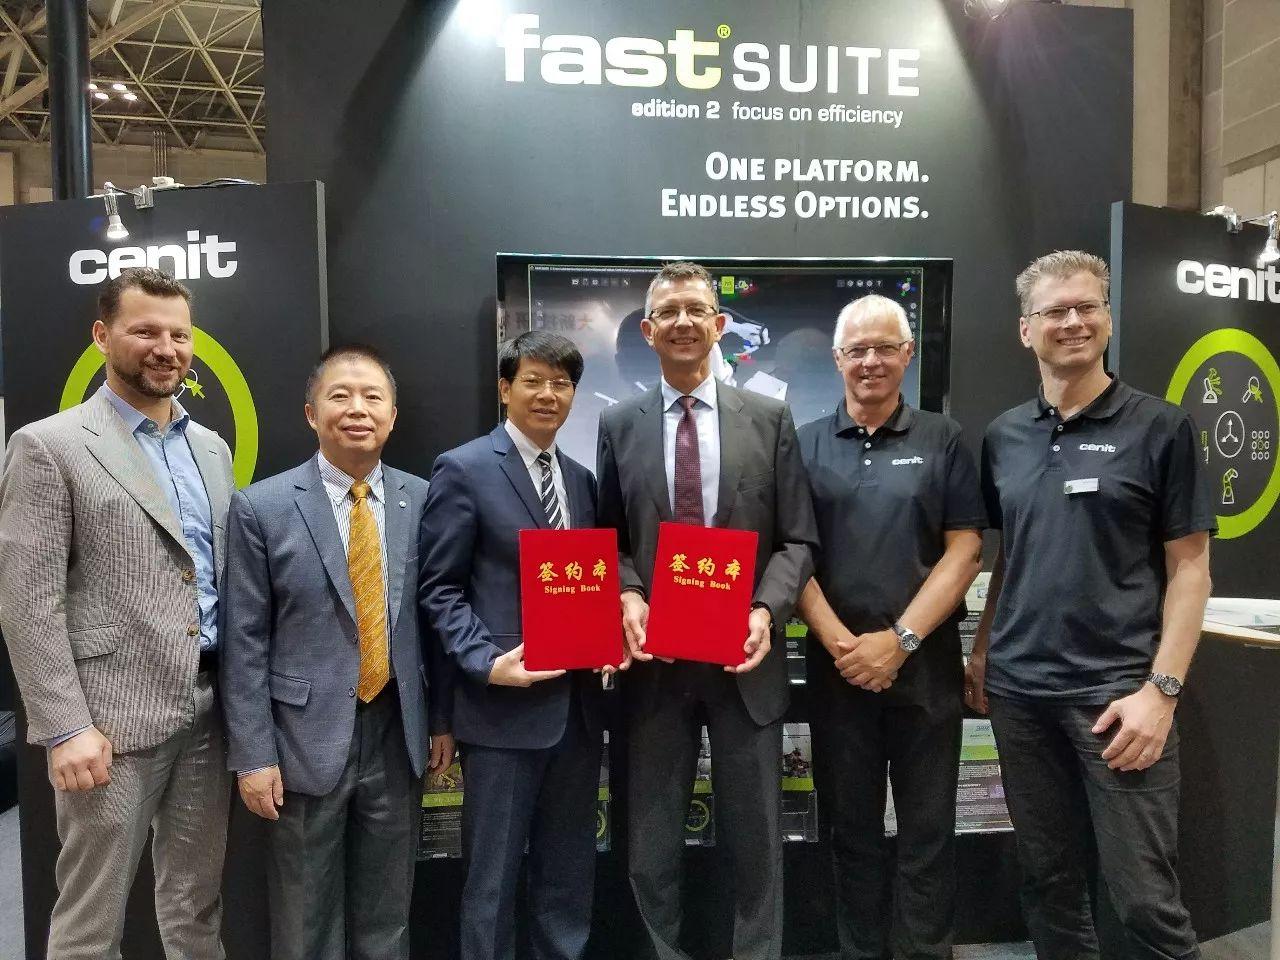 瑞松科技与德国CENIT公司在东京IREX2017签署战略合作协议